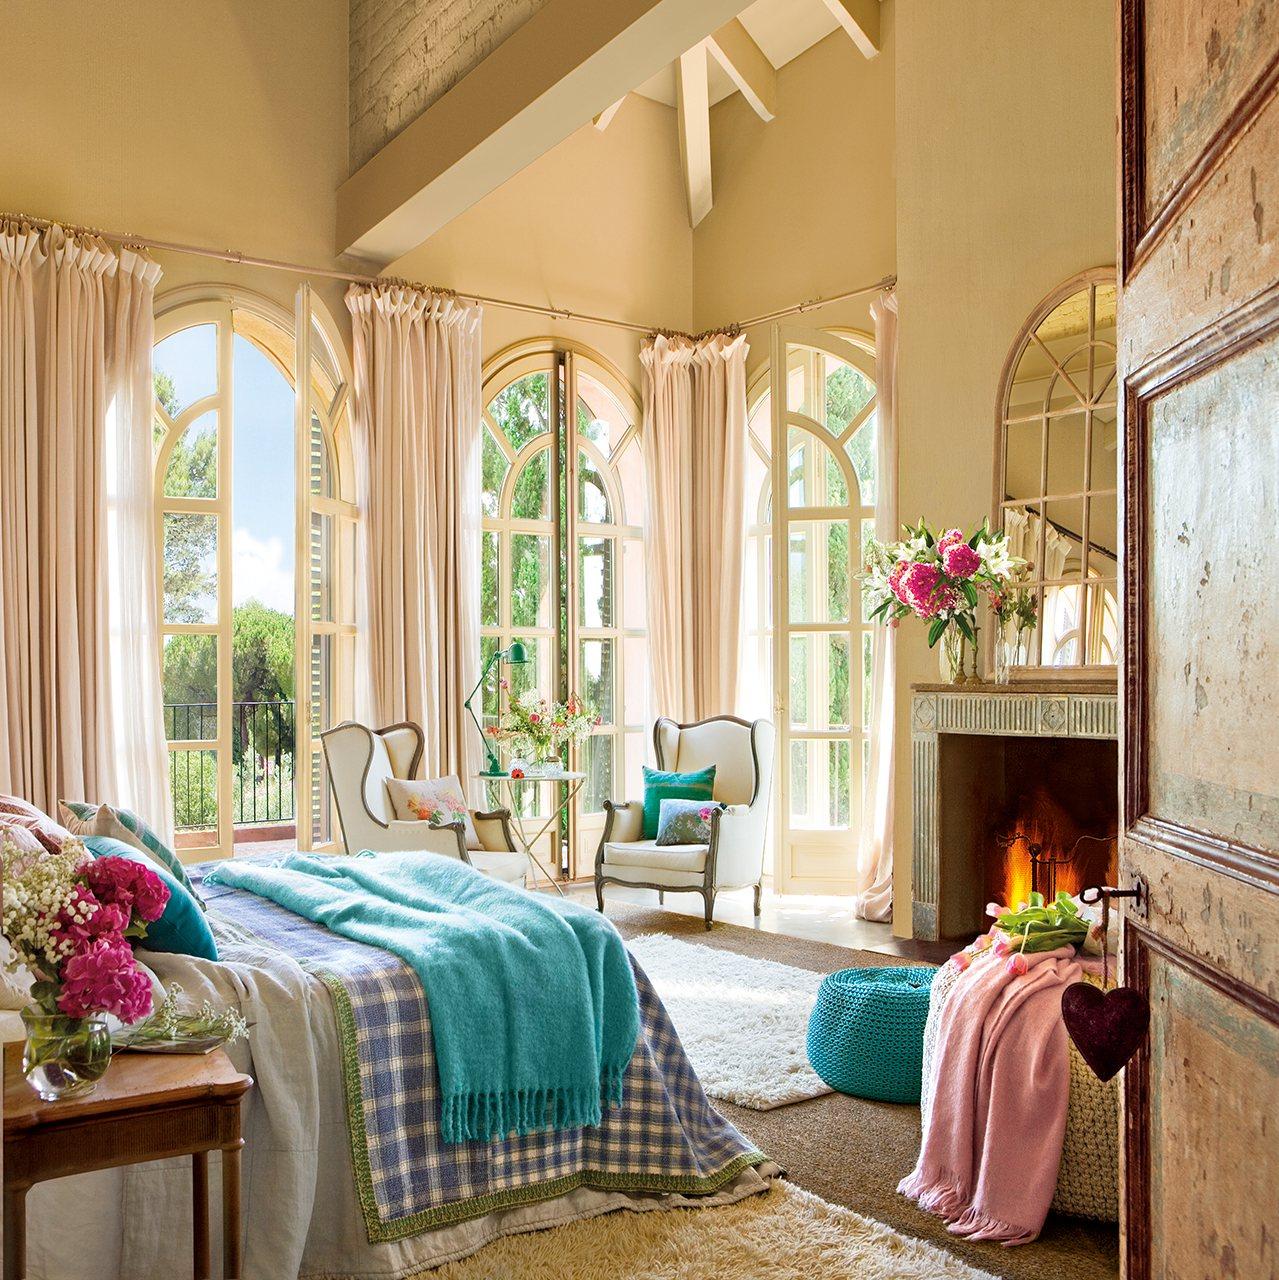 Dormitorios con estilo vintage for Dormitorio retro